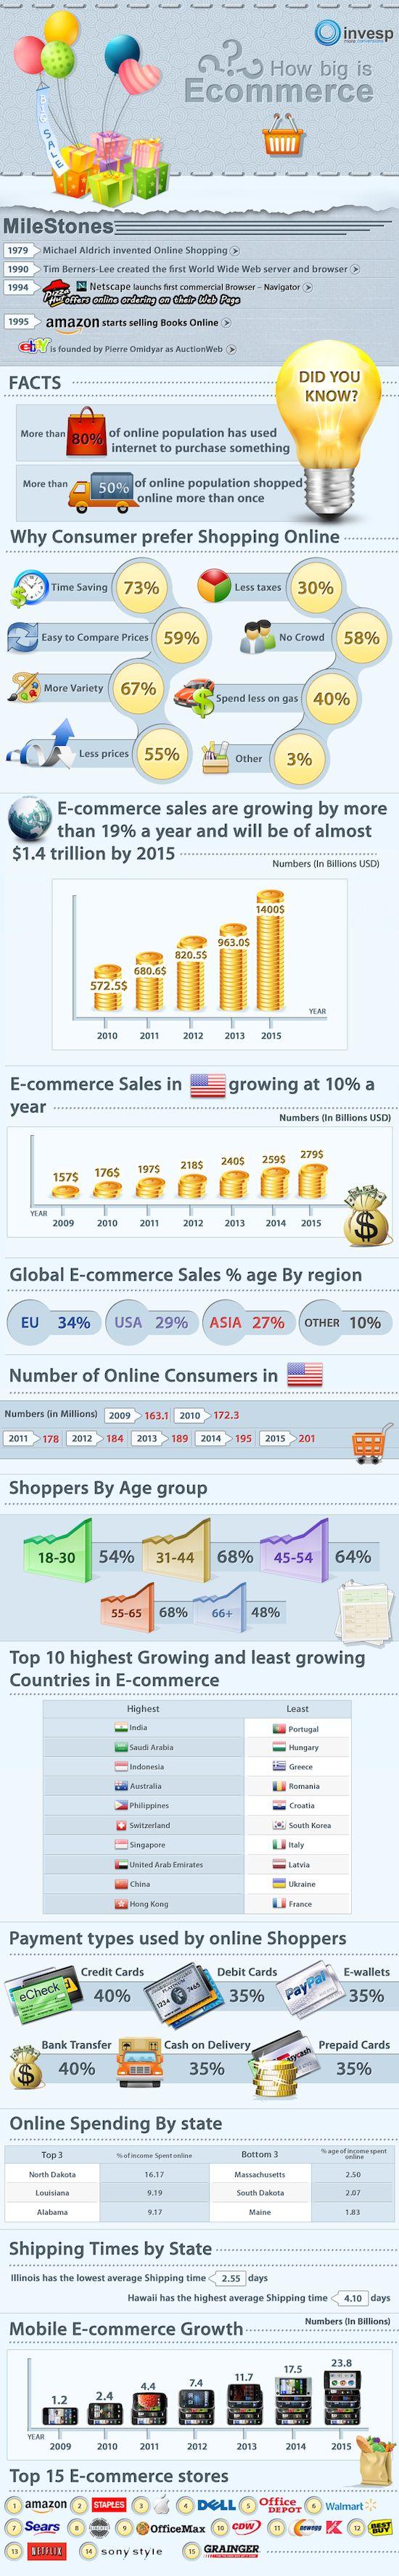 Les grandes tendances du e-commerce par Youssef Rahoui, créateur et dirigeant de Madmagz.